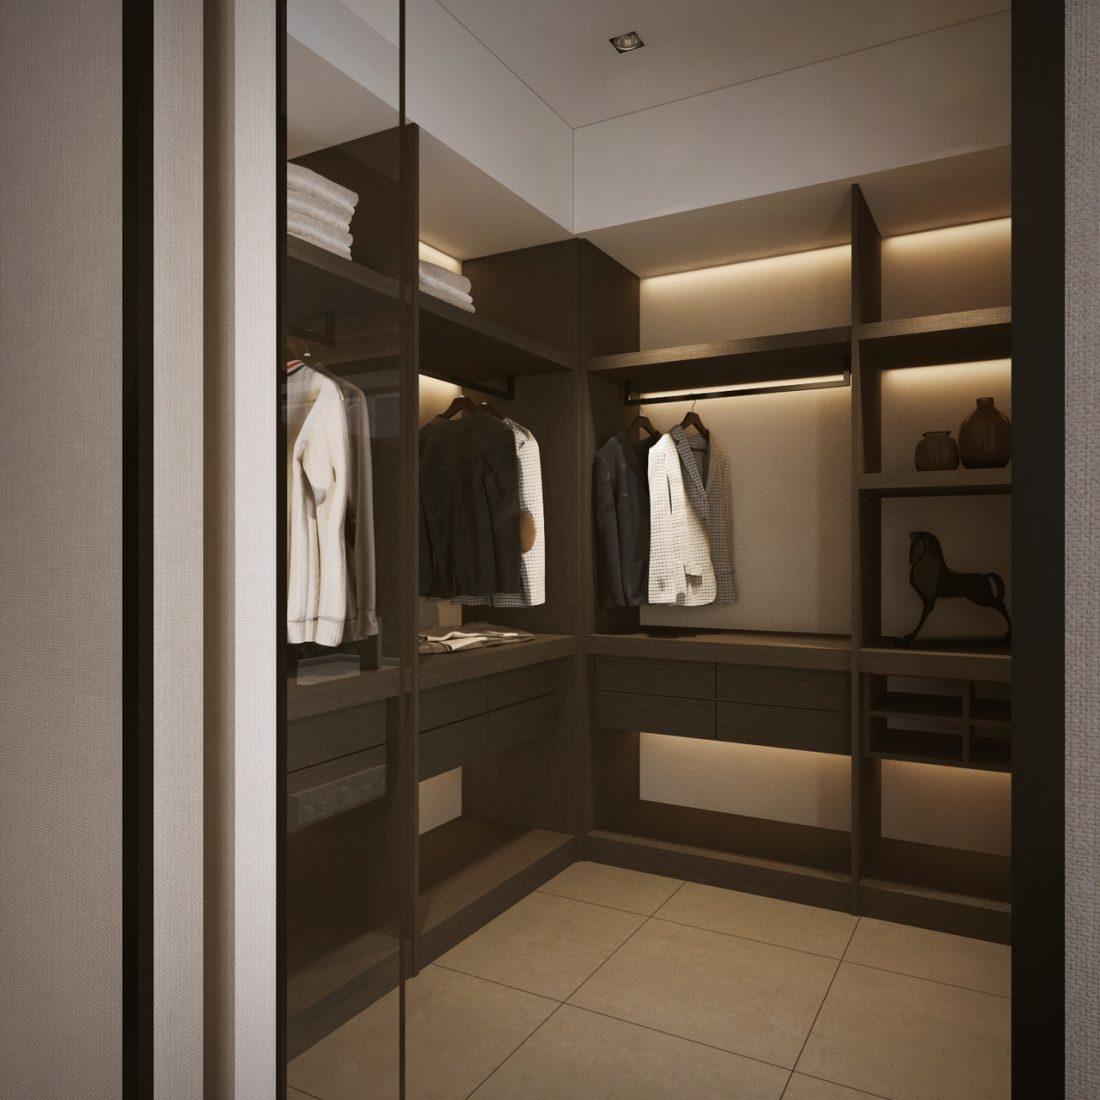 Interior Design SA65 Simpang Ampat Penang Malaysia Walk In Wardrobe Design v1